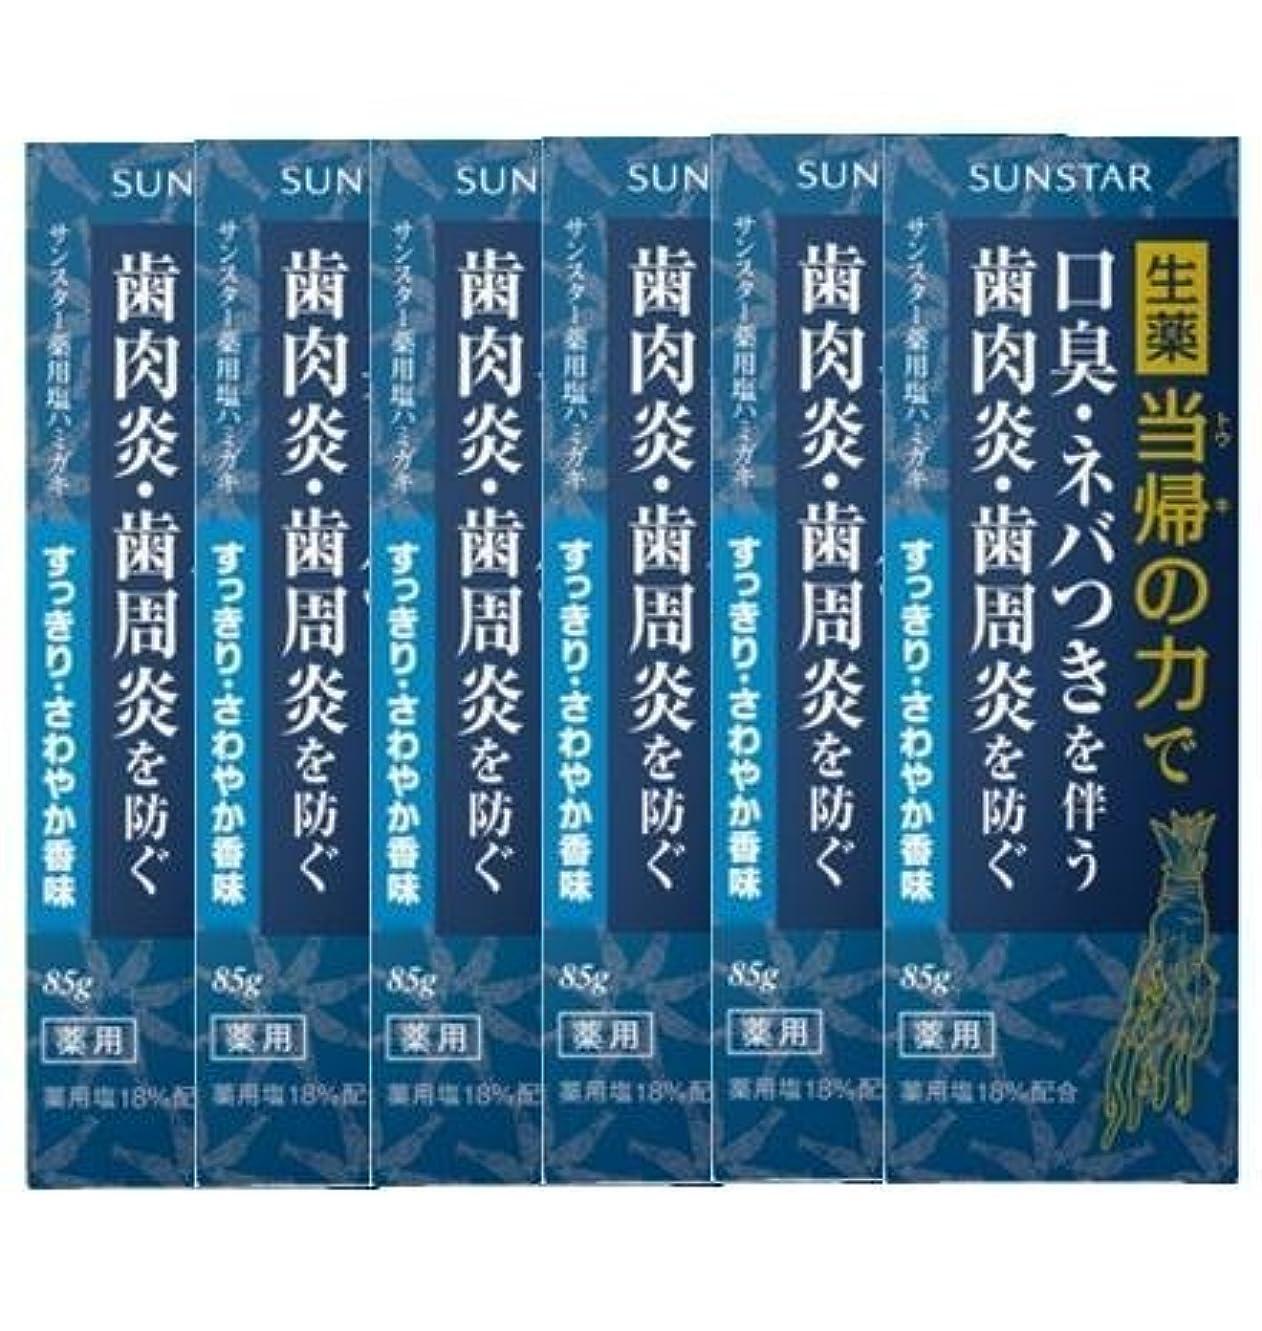 息子ブルジョン樹木薬用ハミガキ 生薬 当帰の力 さわやか香味85g×6個セット